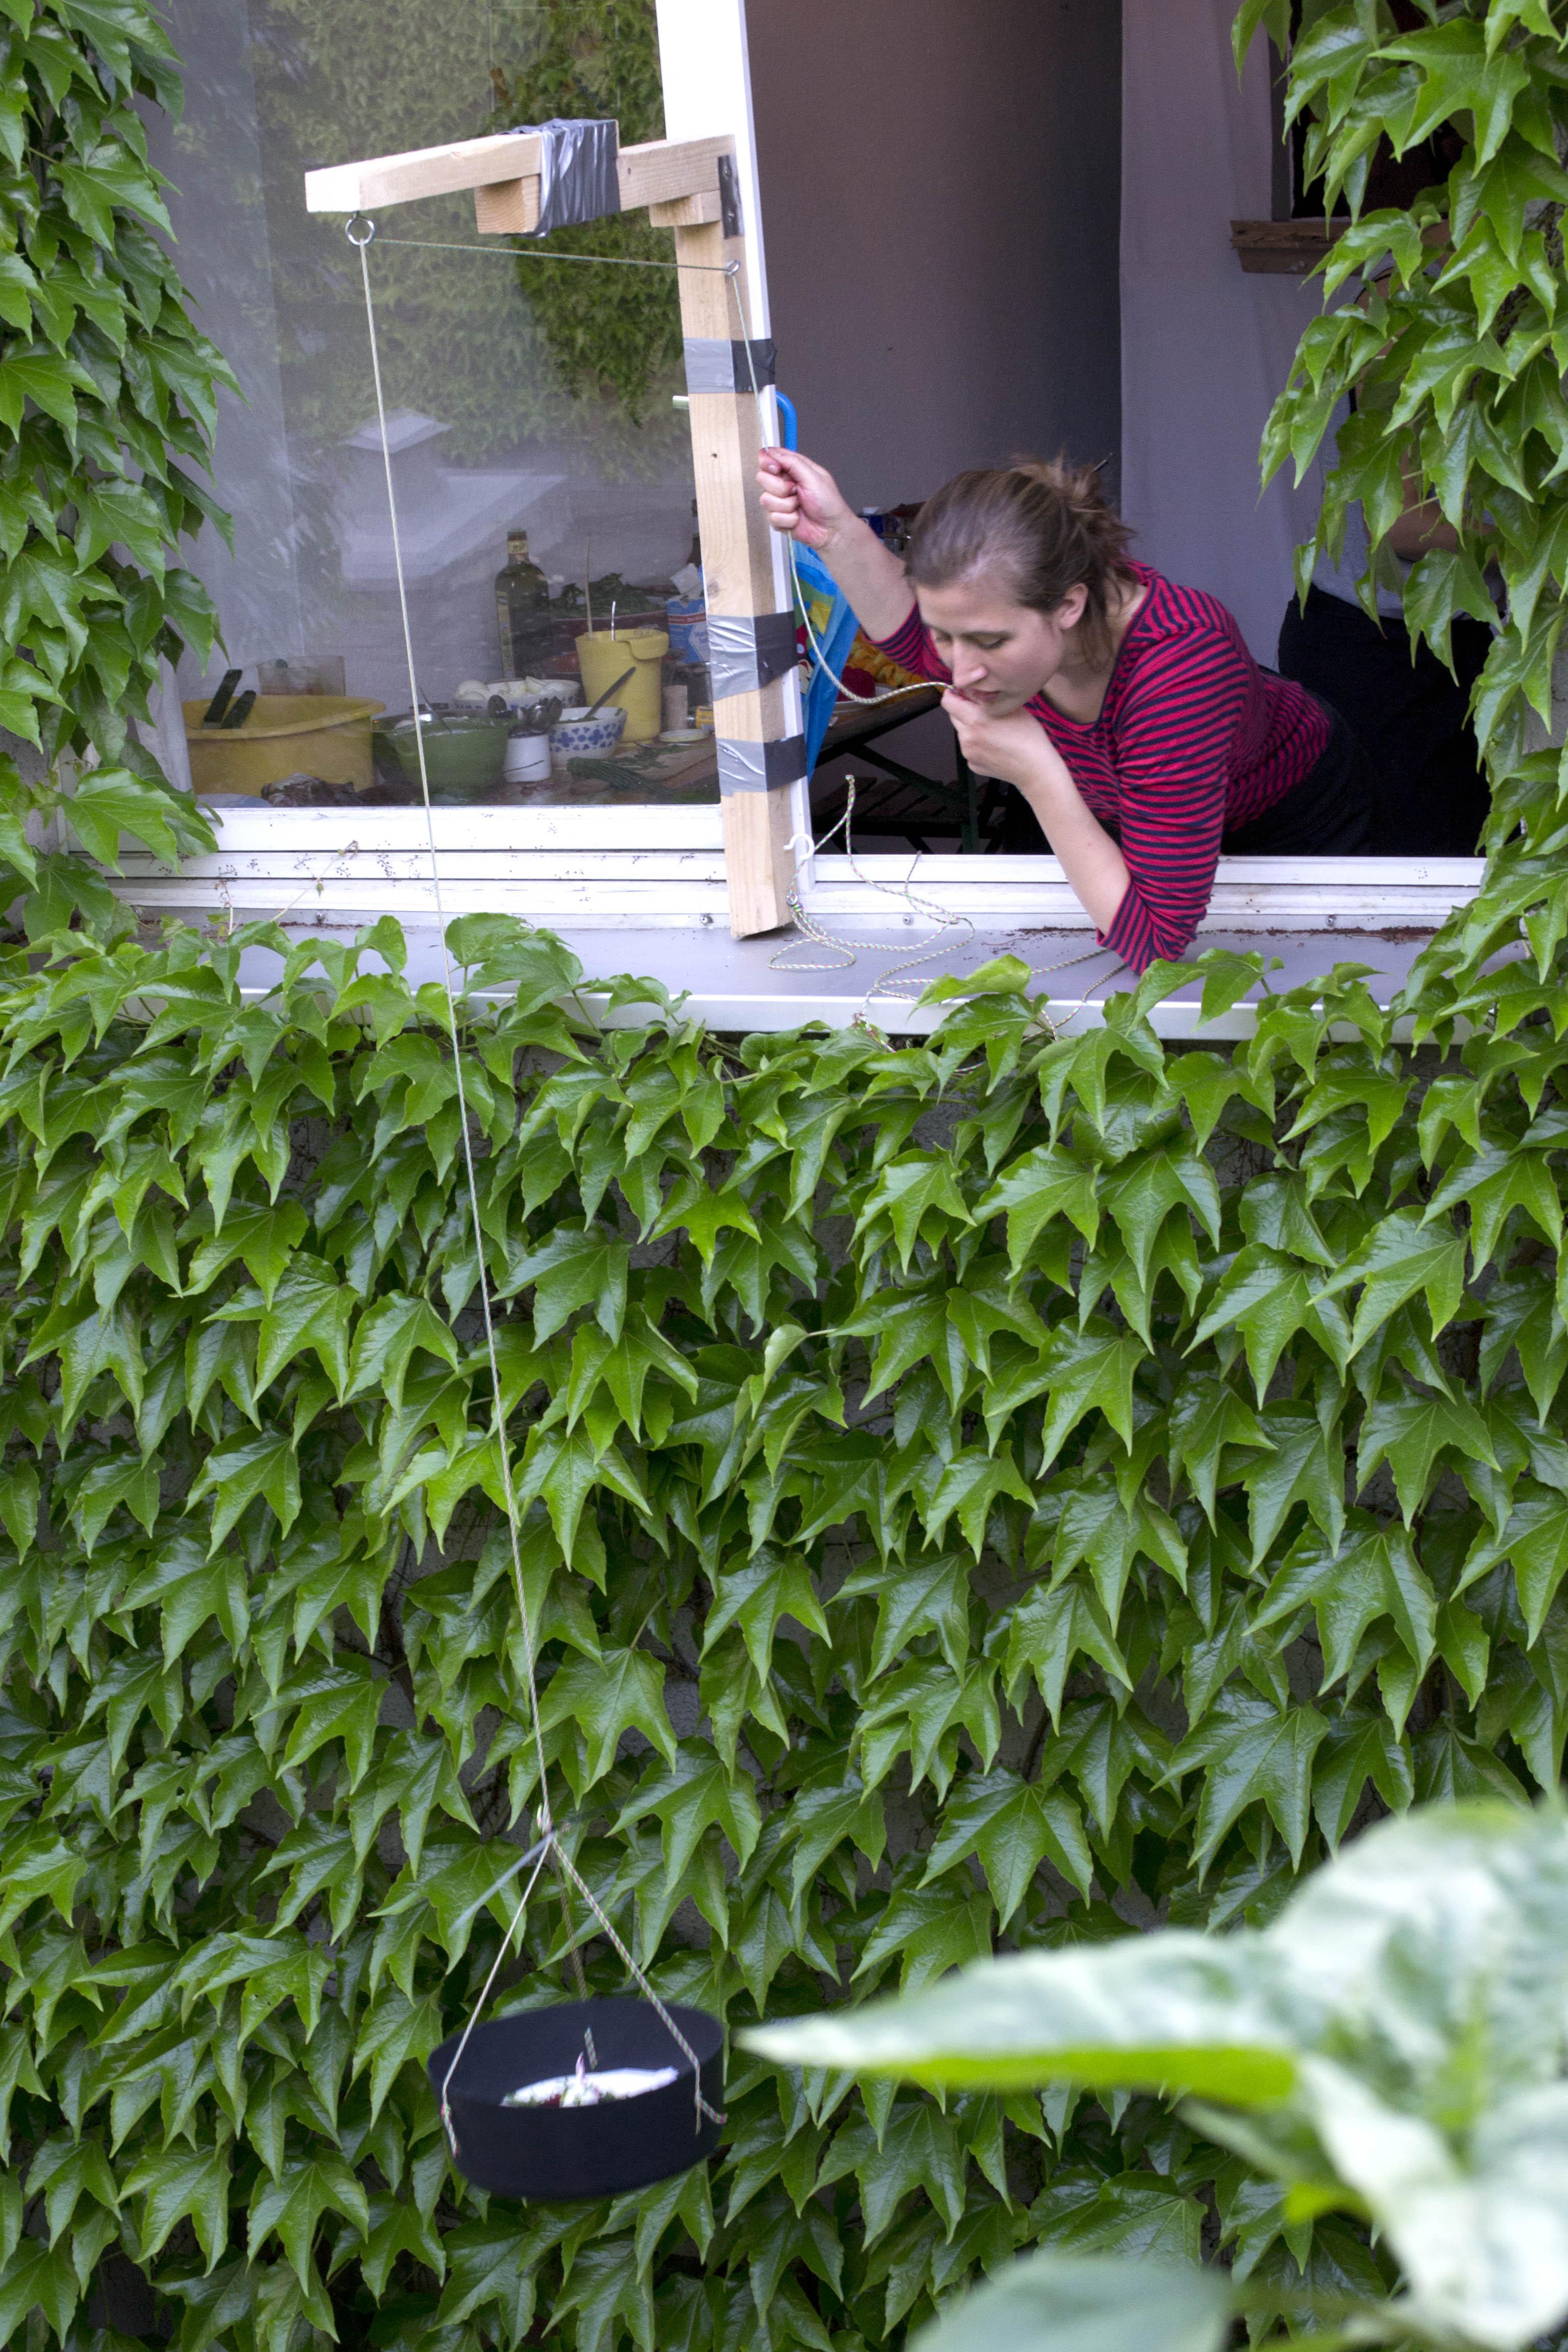 Bildende Und Darstellende Kunst Improvisationstheater Sowie Musik Literatur Werders Wohnzimmer Ldt Ein Am Samstag 11 Mai Zu Einer Spannenden